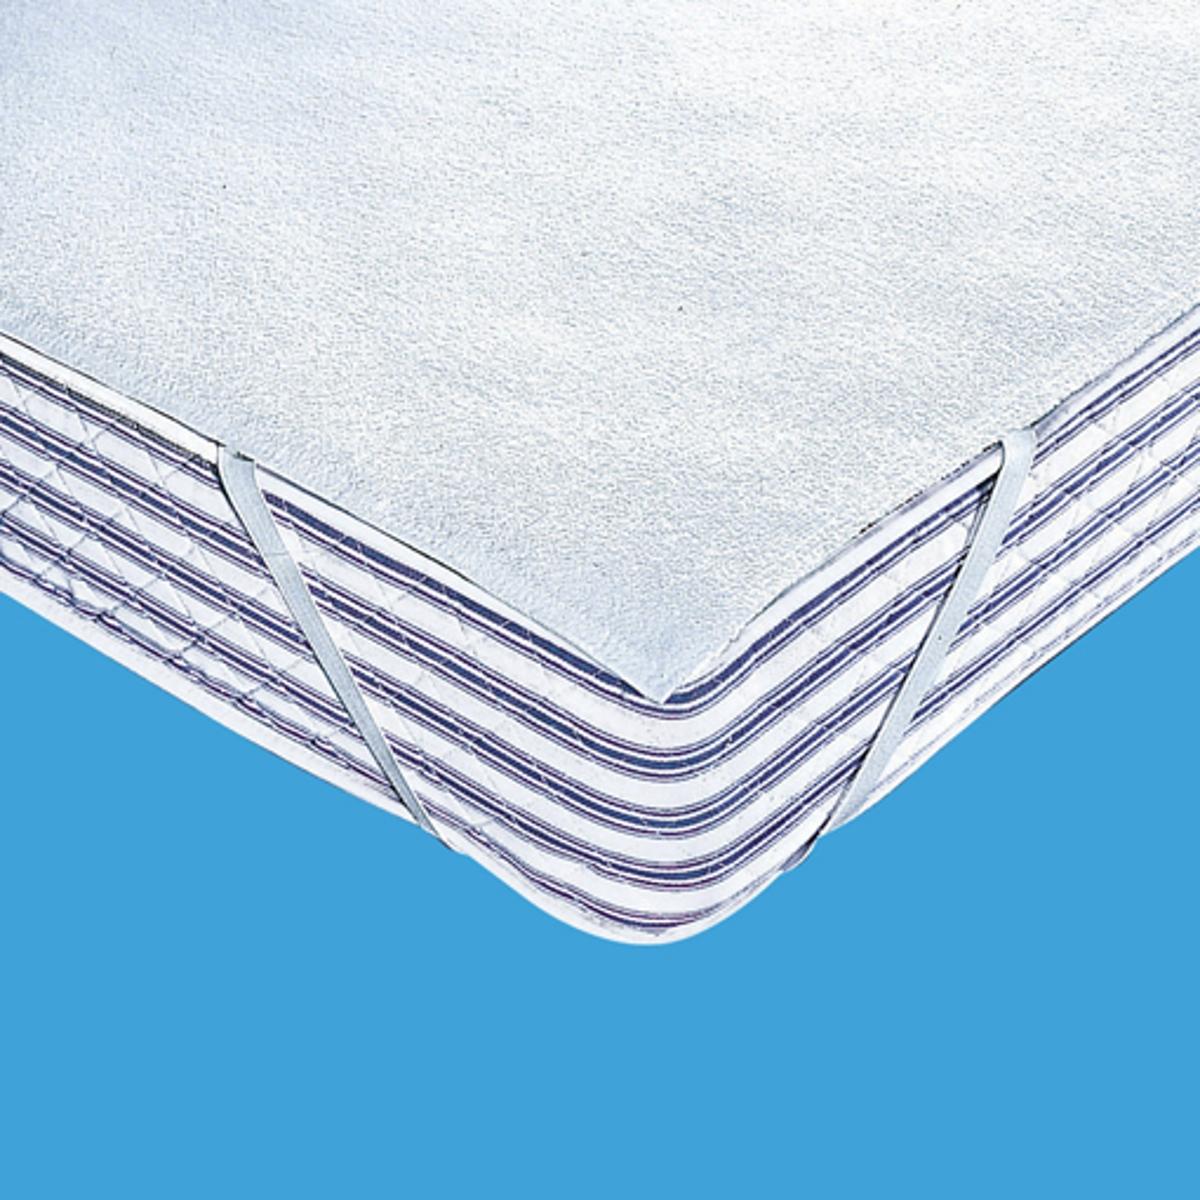 Чехол La Redoute Защитный для матраса гм из махровой ткани с непромокаемым покрытием из ПВХ 60 x 120 см белый чехол защитный на подушку из махровой ткани с противомикробной обработкой